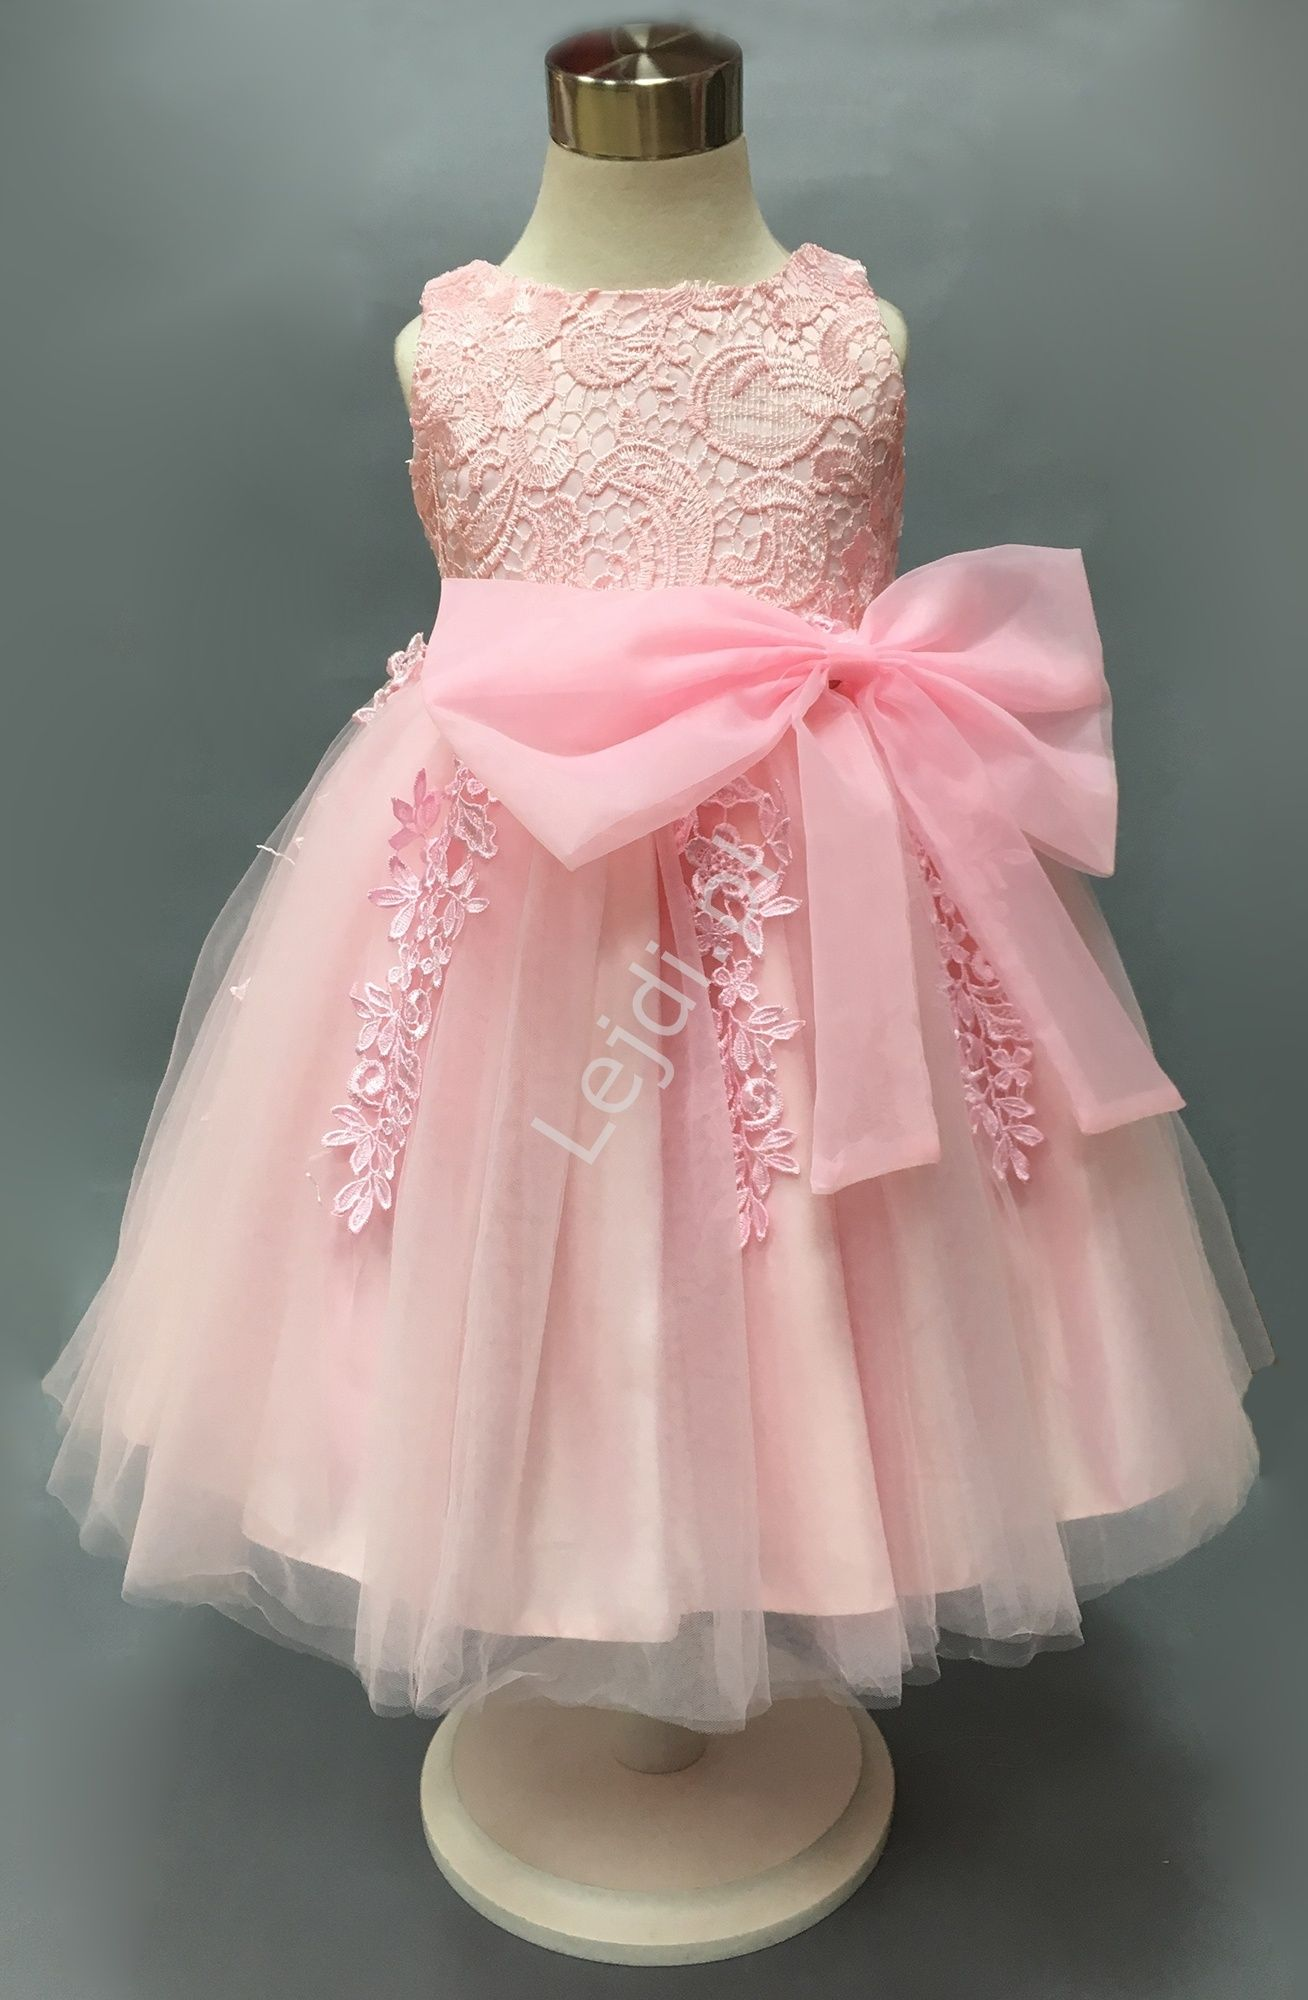 03fd996f51 Women s Sun Dresses · Light pink baby girl dresses. Przepiękna różowa  sukienka dla dziewczynki